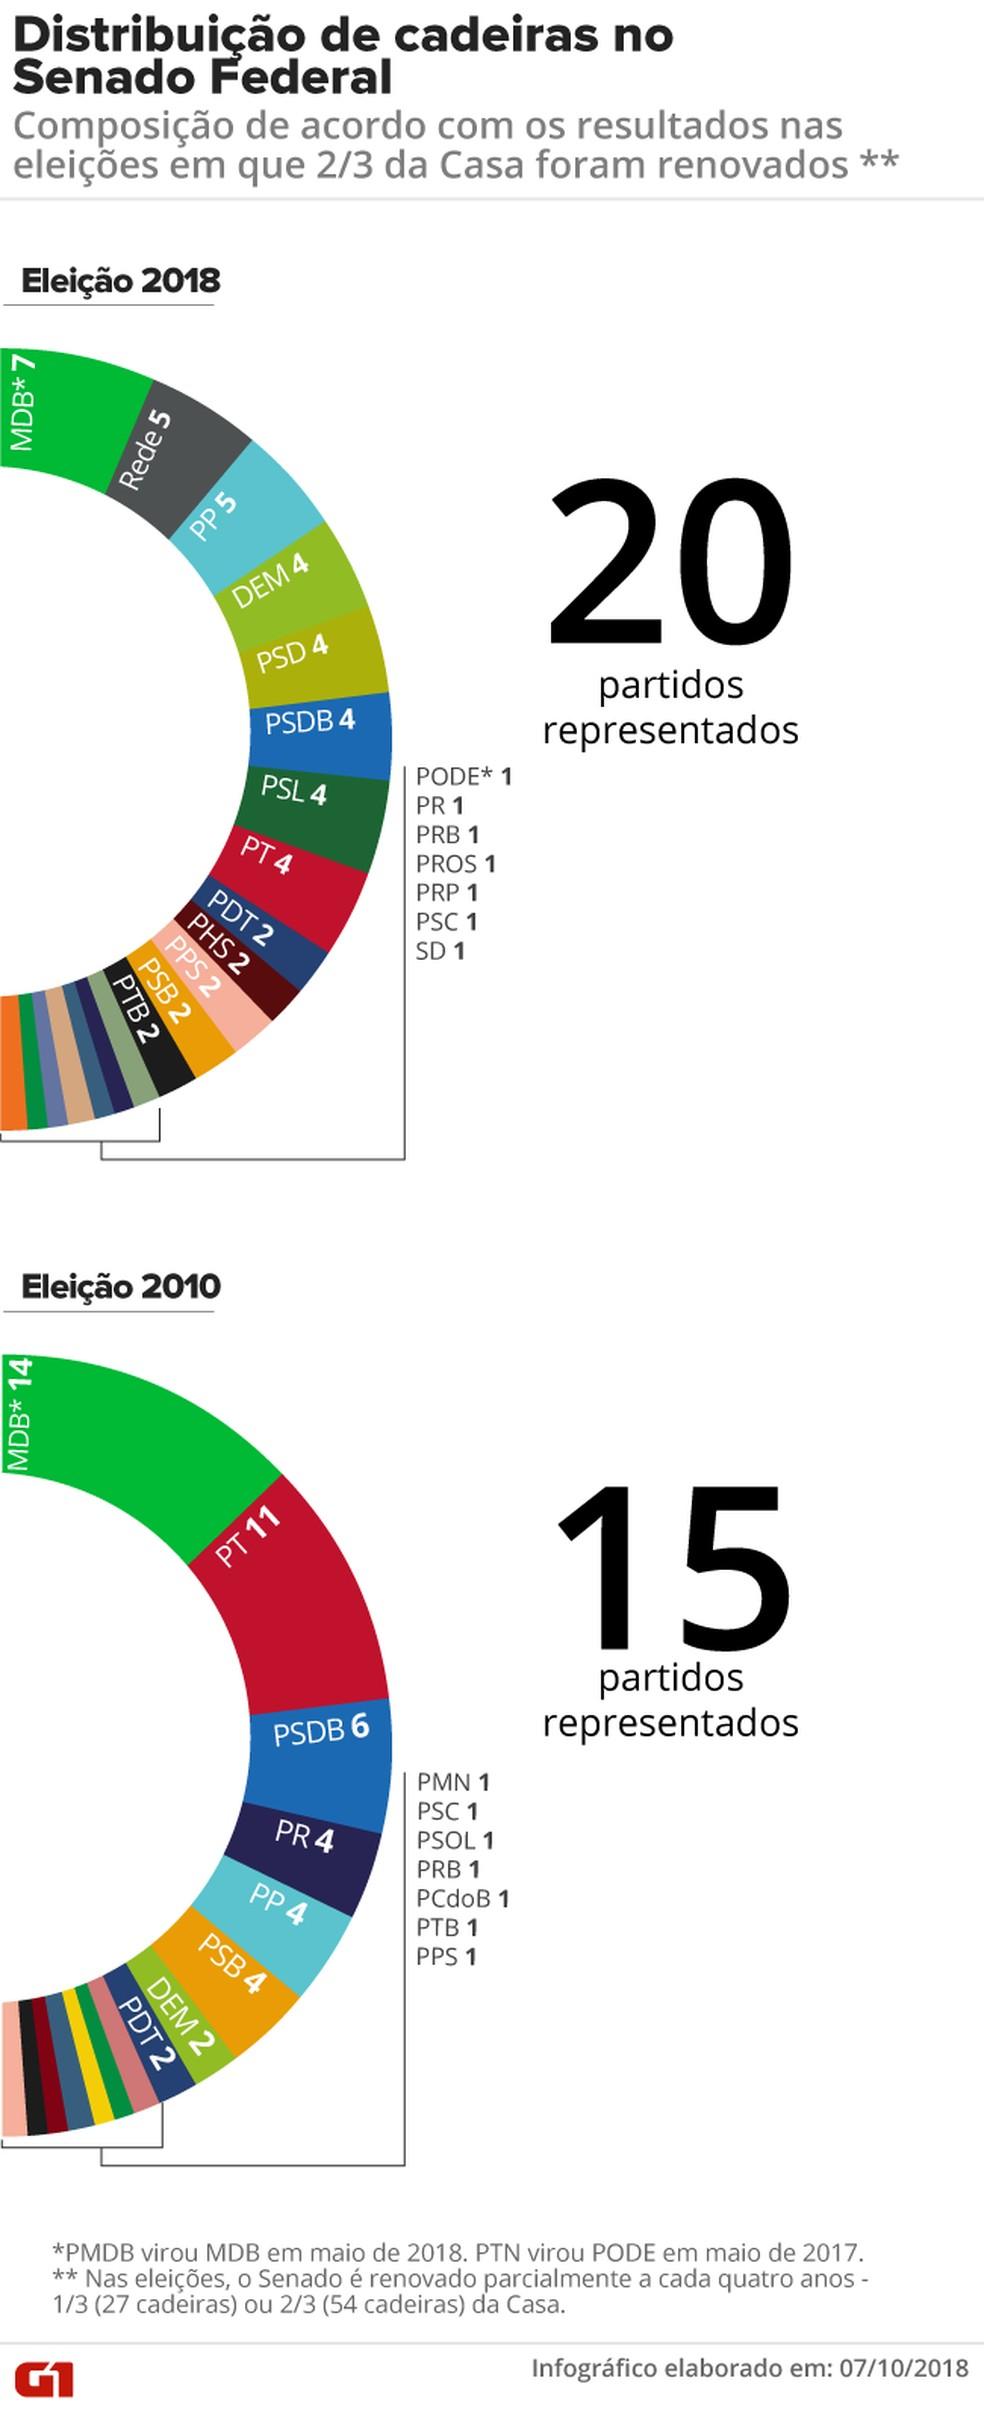 Distribuição de cadeiras no Senado Federal: composição de acordo com os resultados das eleições de 2010 e 2014, quando 2/3 da Casa foram renovados — Foto: Juliane Souza e Alexandre Mauro / G1